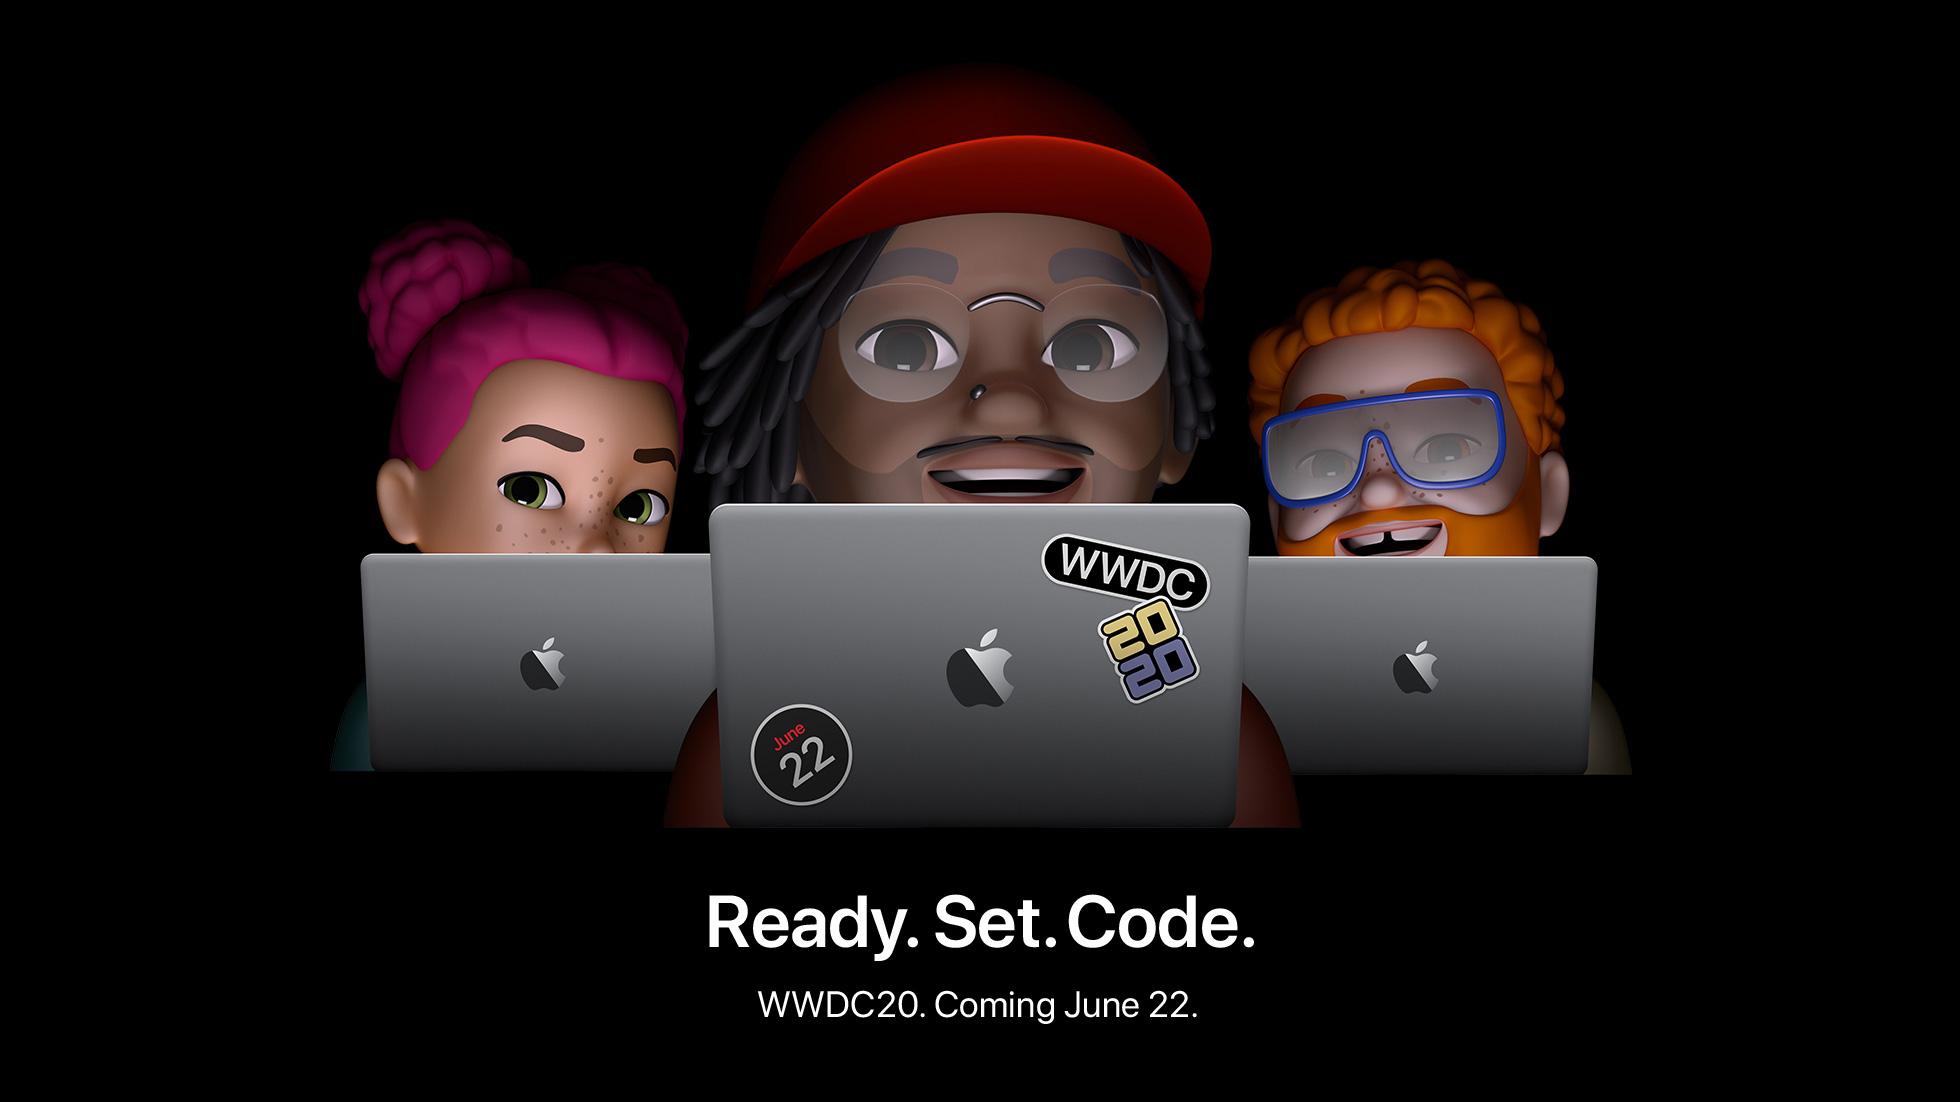 Apple ấn định thời gian tổ chức WWDC 2020, có thể sẽ ra mắt iOS 14